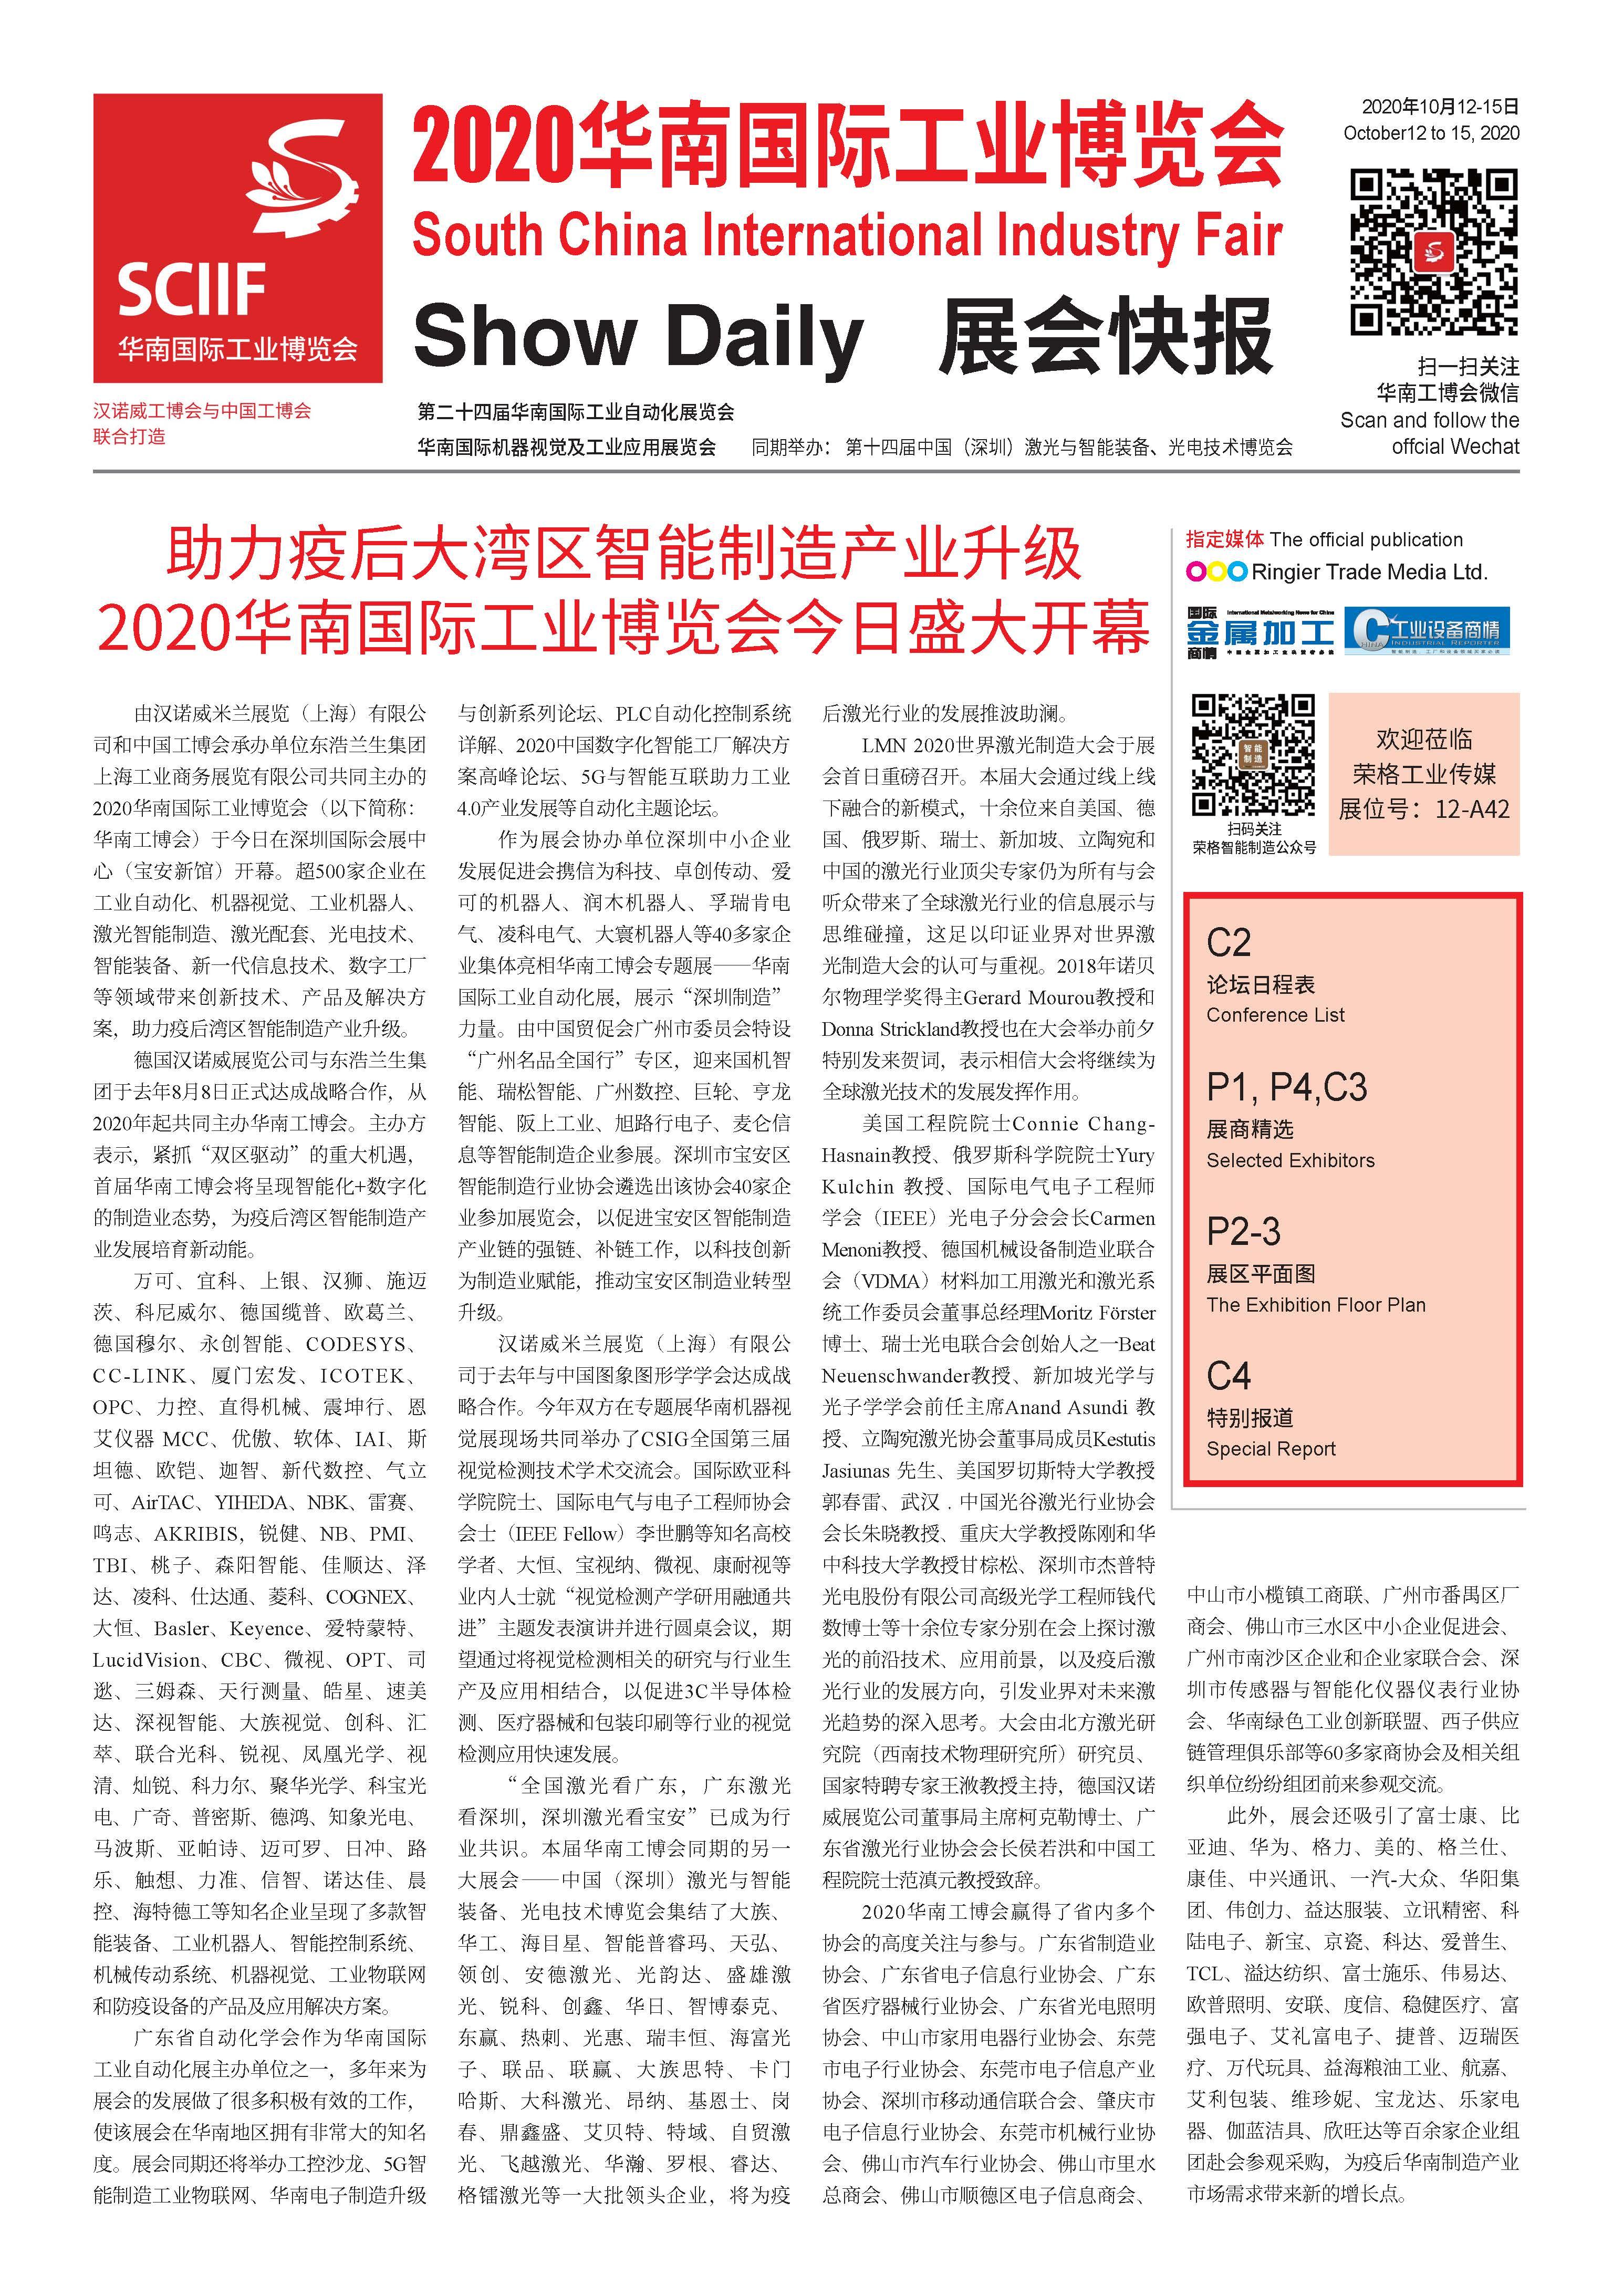 2021华南国际工业博览会上届总结